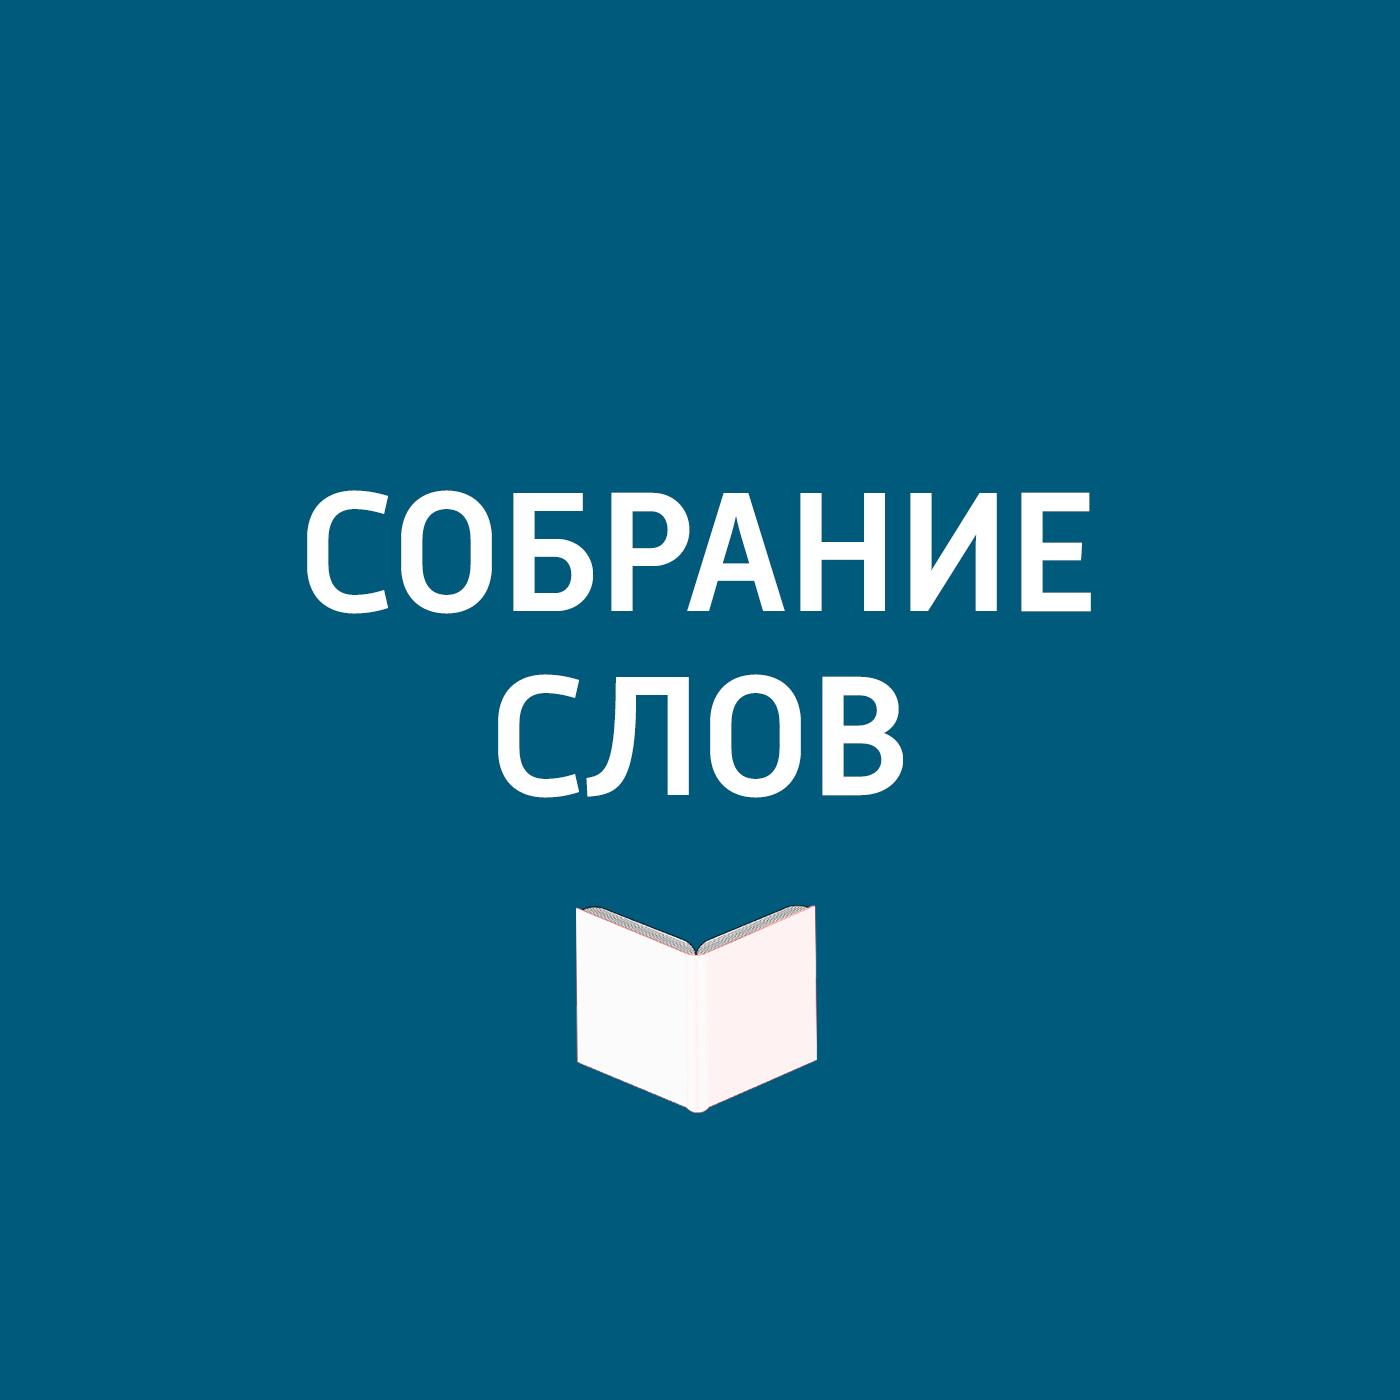 все цены на Творческий коллектив программы «Собрание слов» Большое интервью Павла Глобы. Вторая часть онлайн